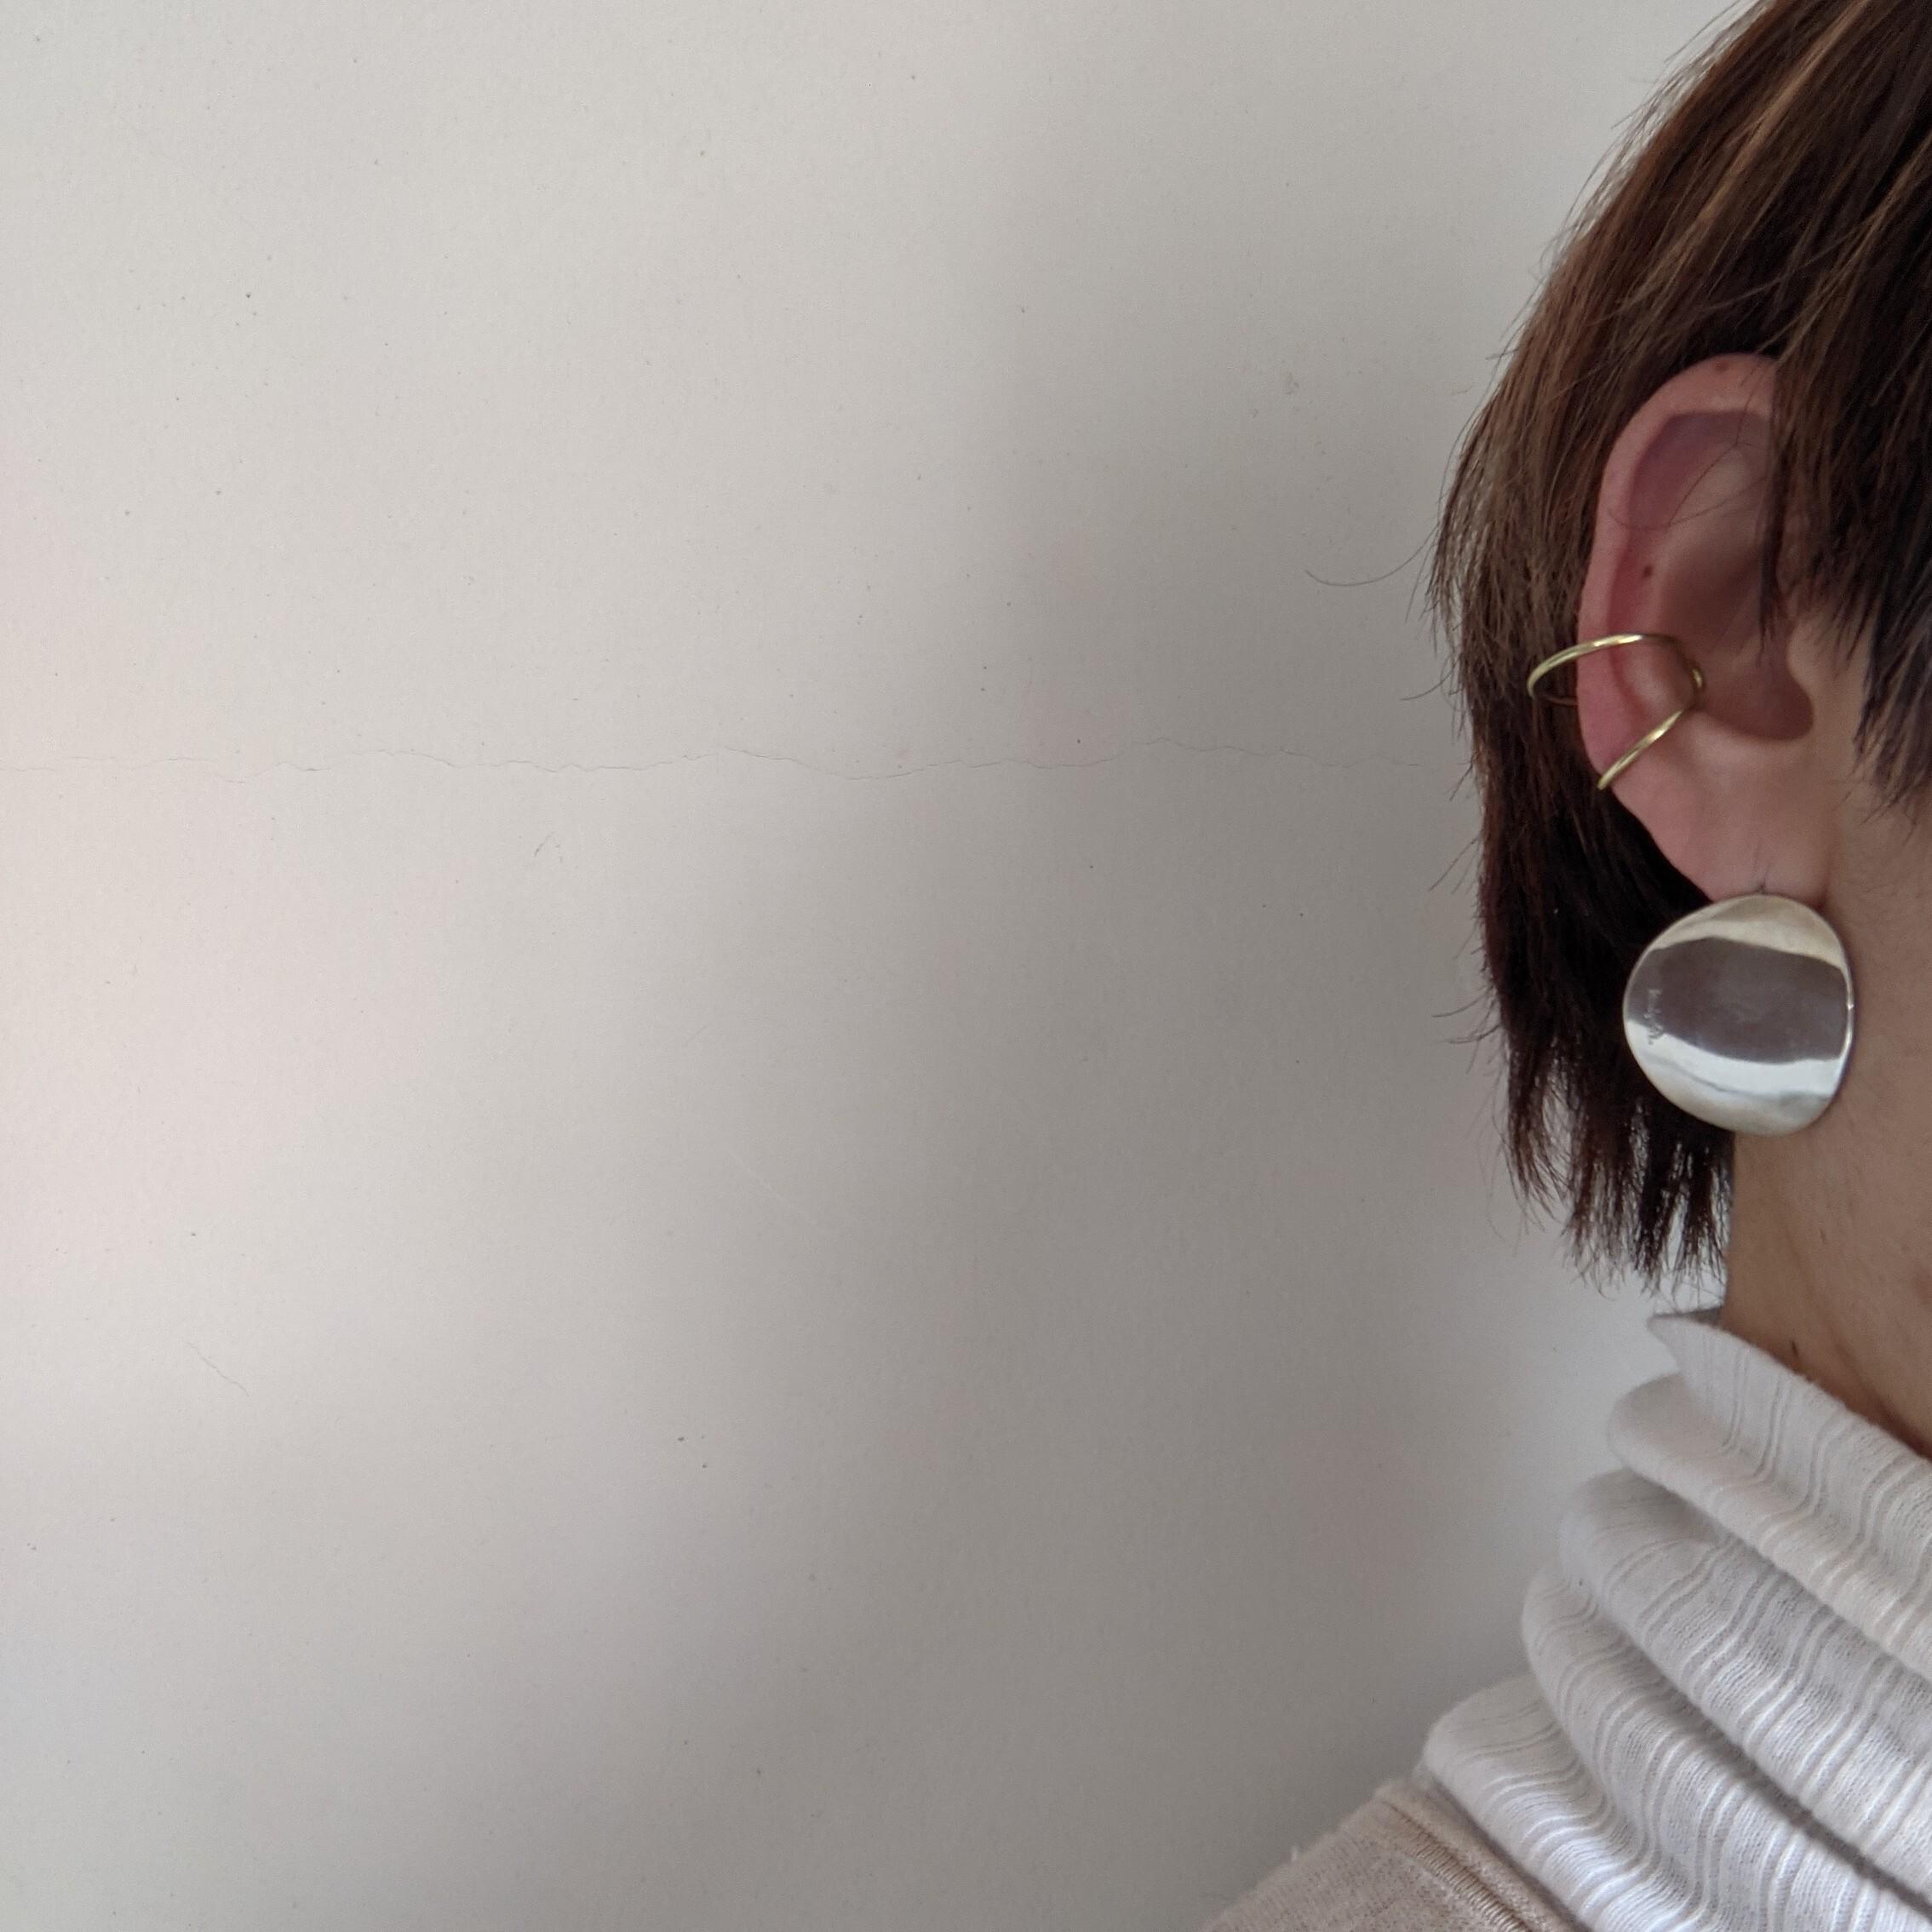 ☆片耳販売【 jomathwich 】brass earcuff / ring / E-68 Msize / 真鍮 イヤーカフ兼リング